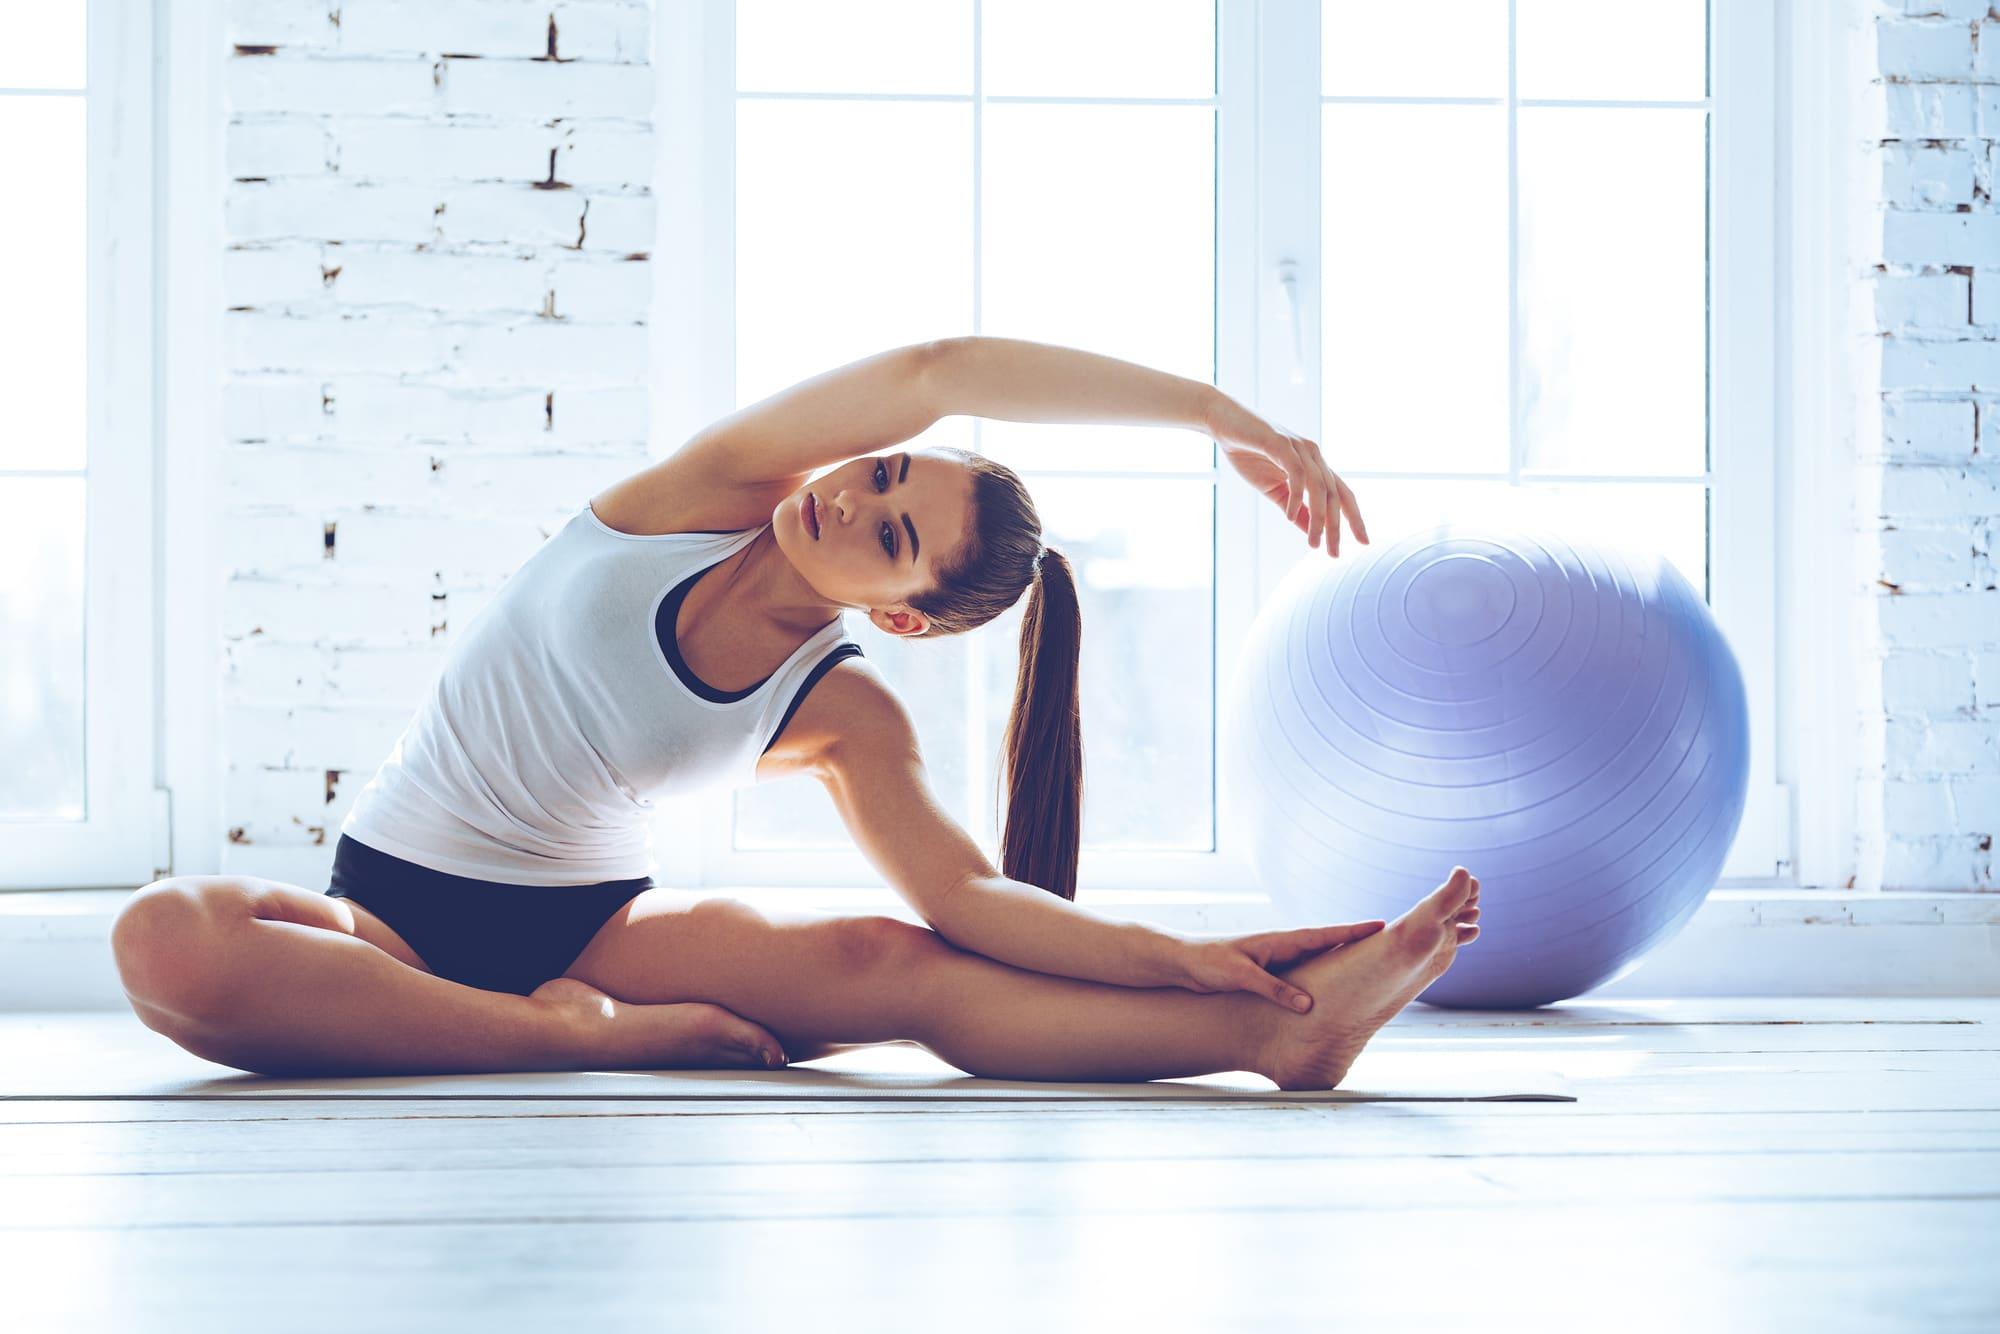 پیلاتس مجموعهای از قوانین و ساختارها است که باعث شناخت و درک بیشتری از حرکات و رفتارهای بدنی میشود.